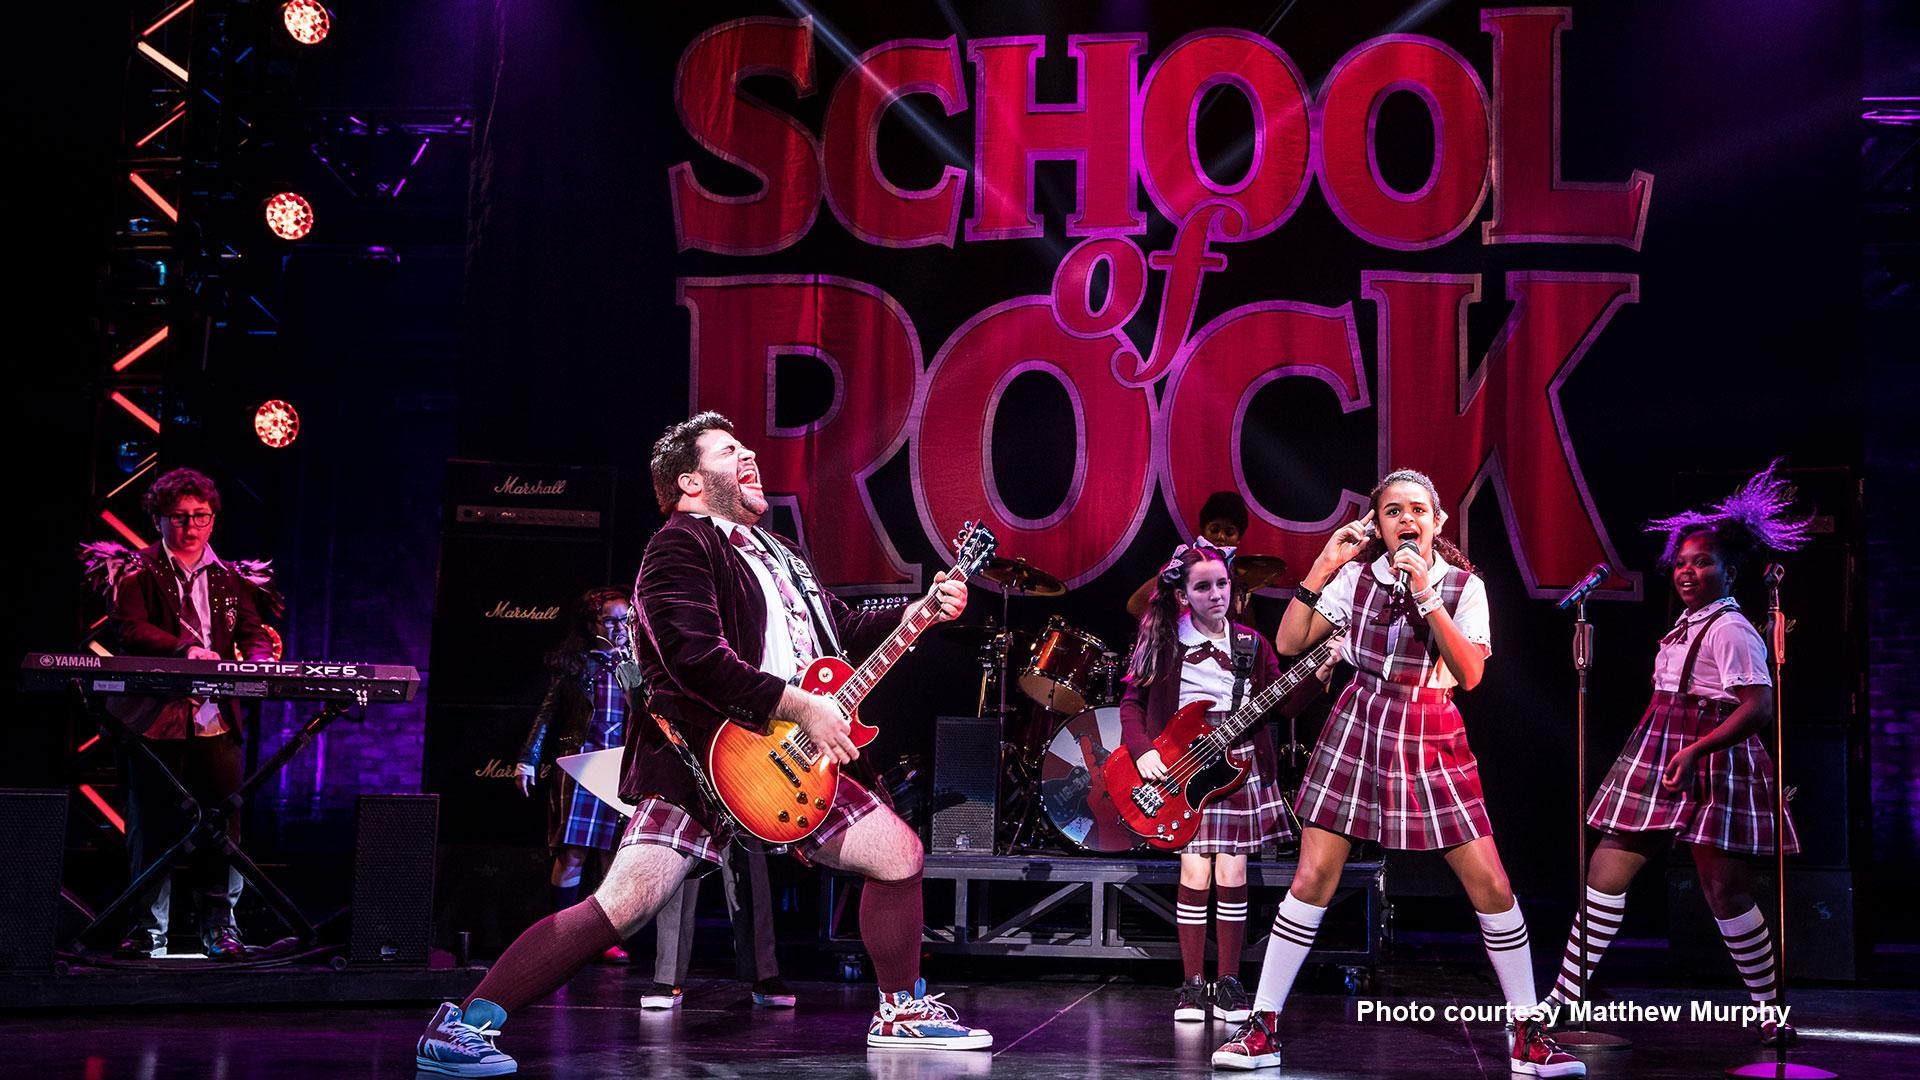 studio-512-bass-concert-hall-school-of-rock-1_635456